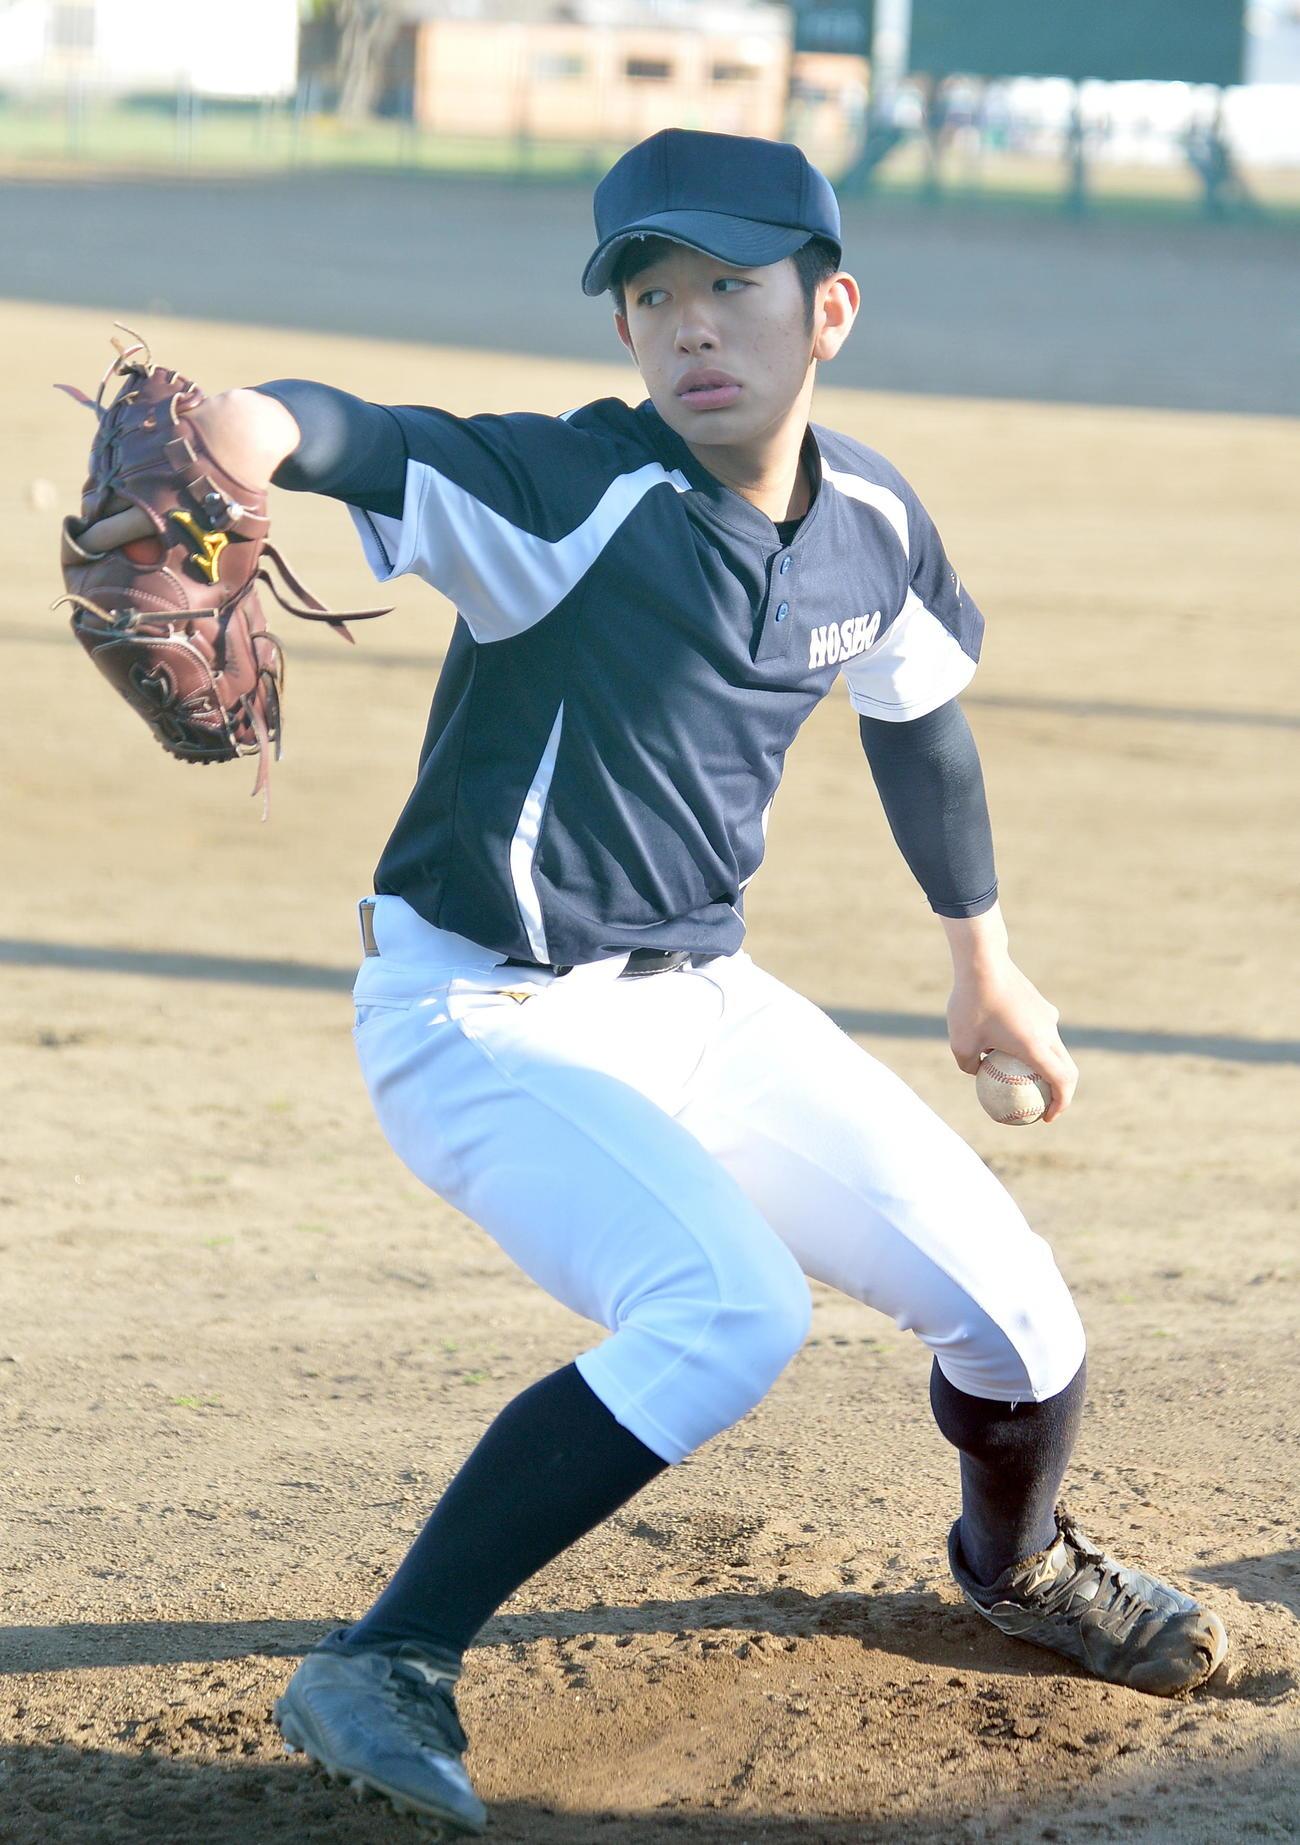 投球練習を行う能代松陽・大高勇心投手(2020年05月14日撮影)